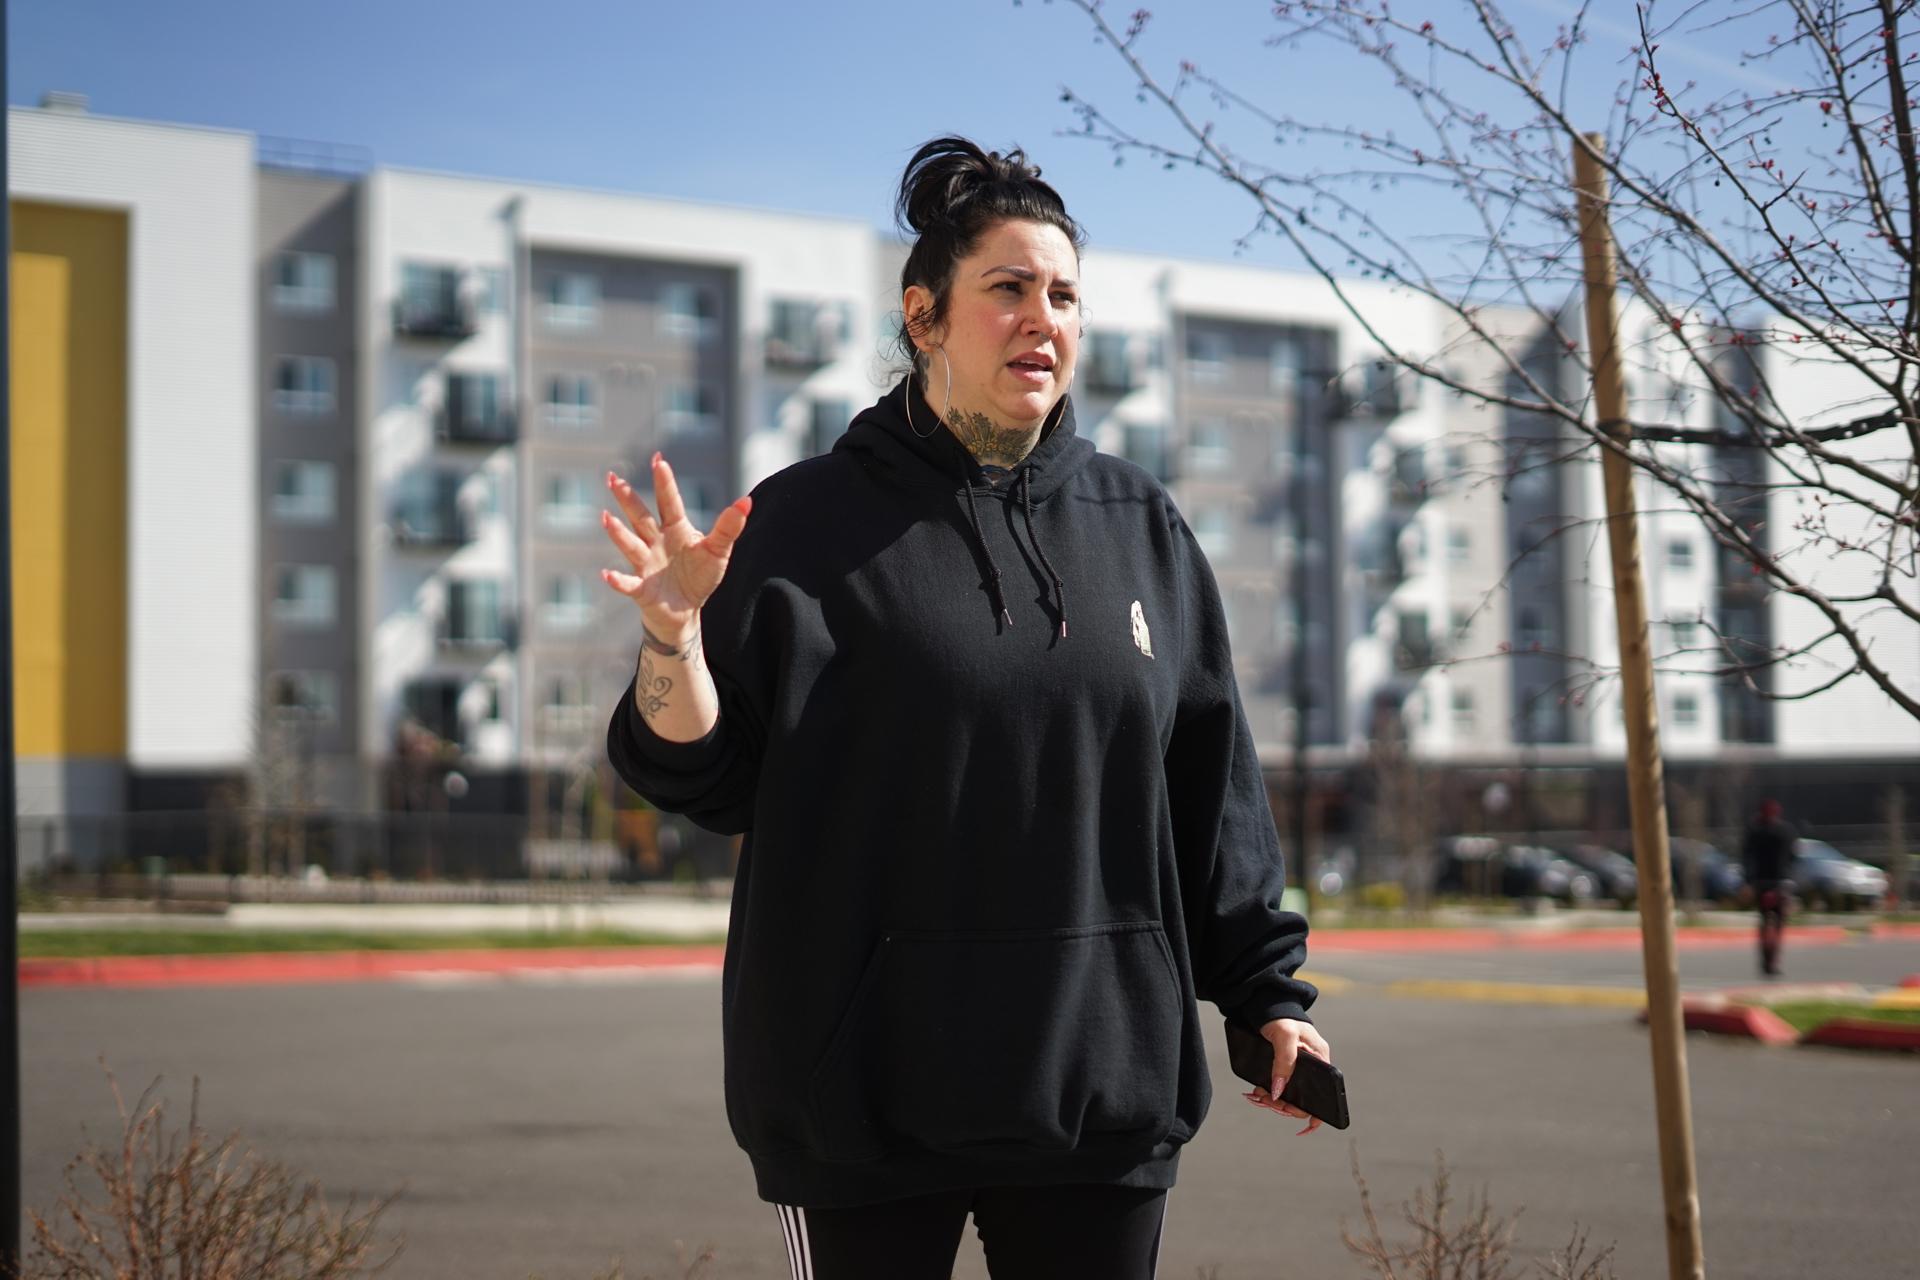 Activist Rita Aronson poses for a portrit in White Center, WA